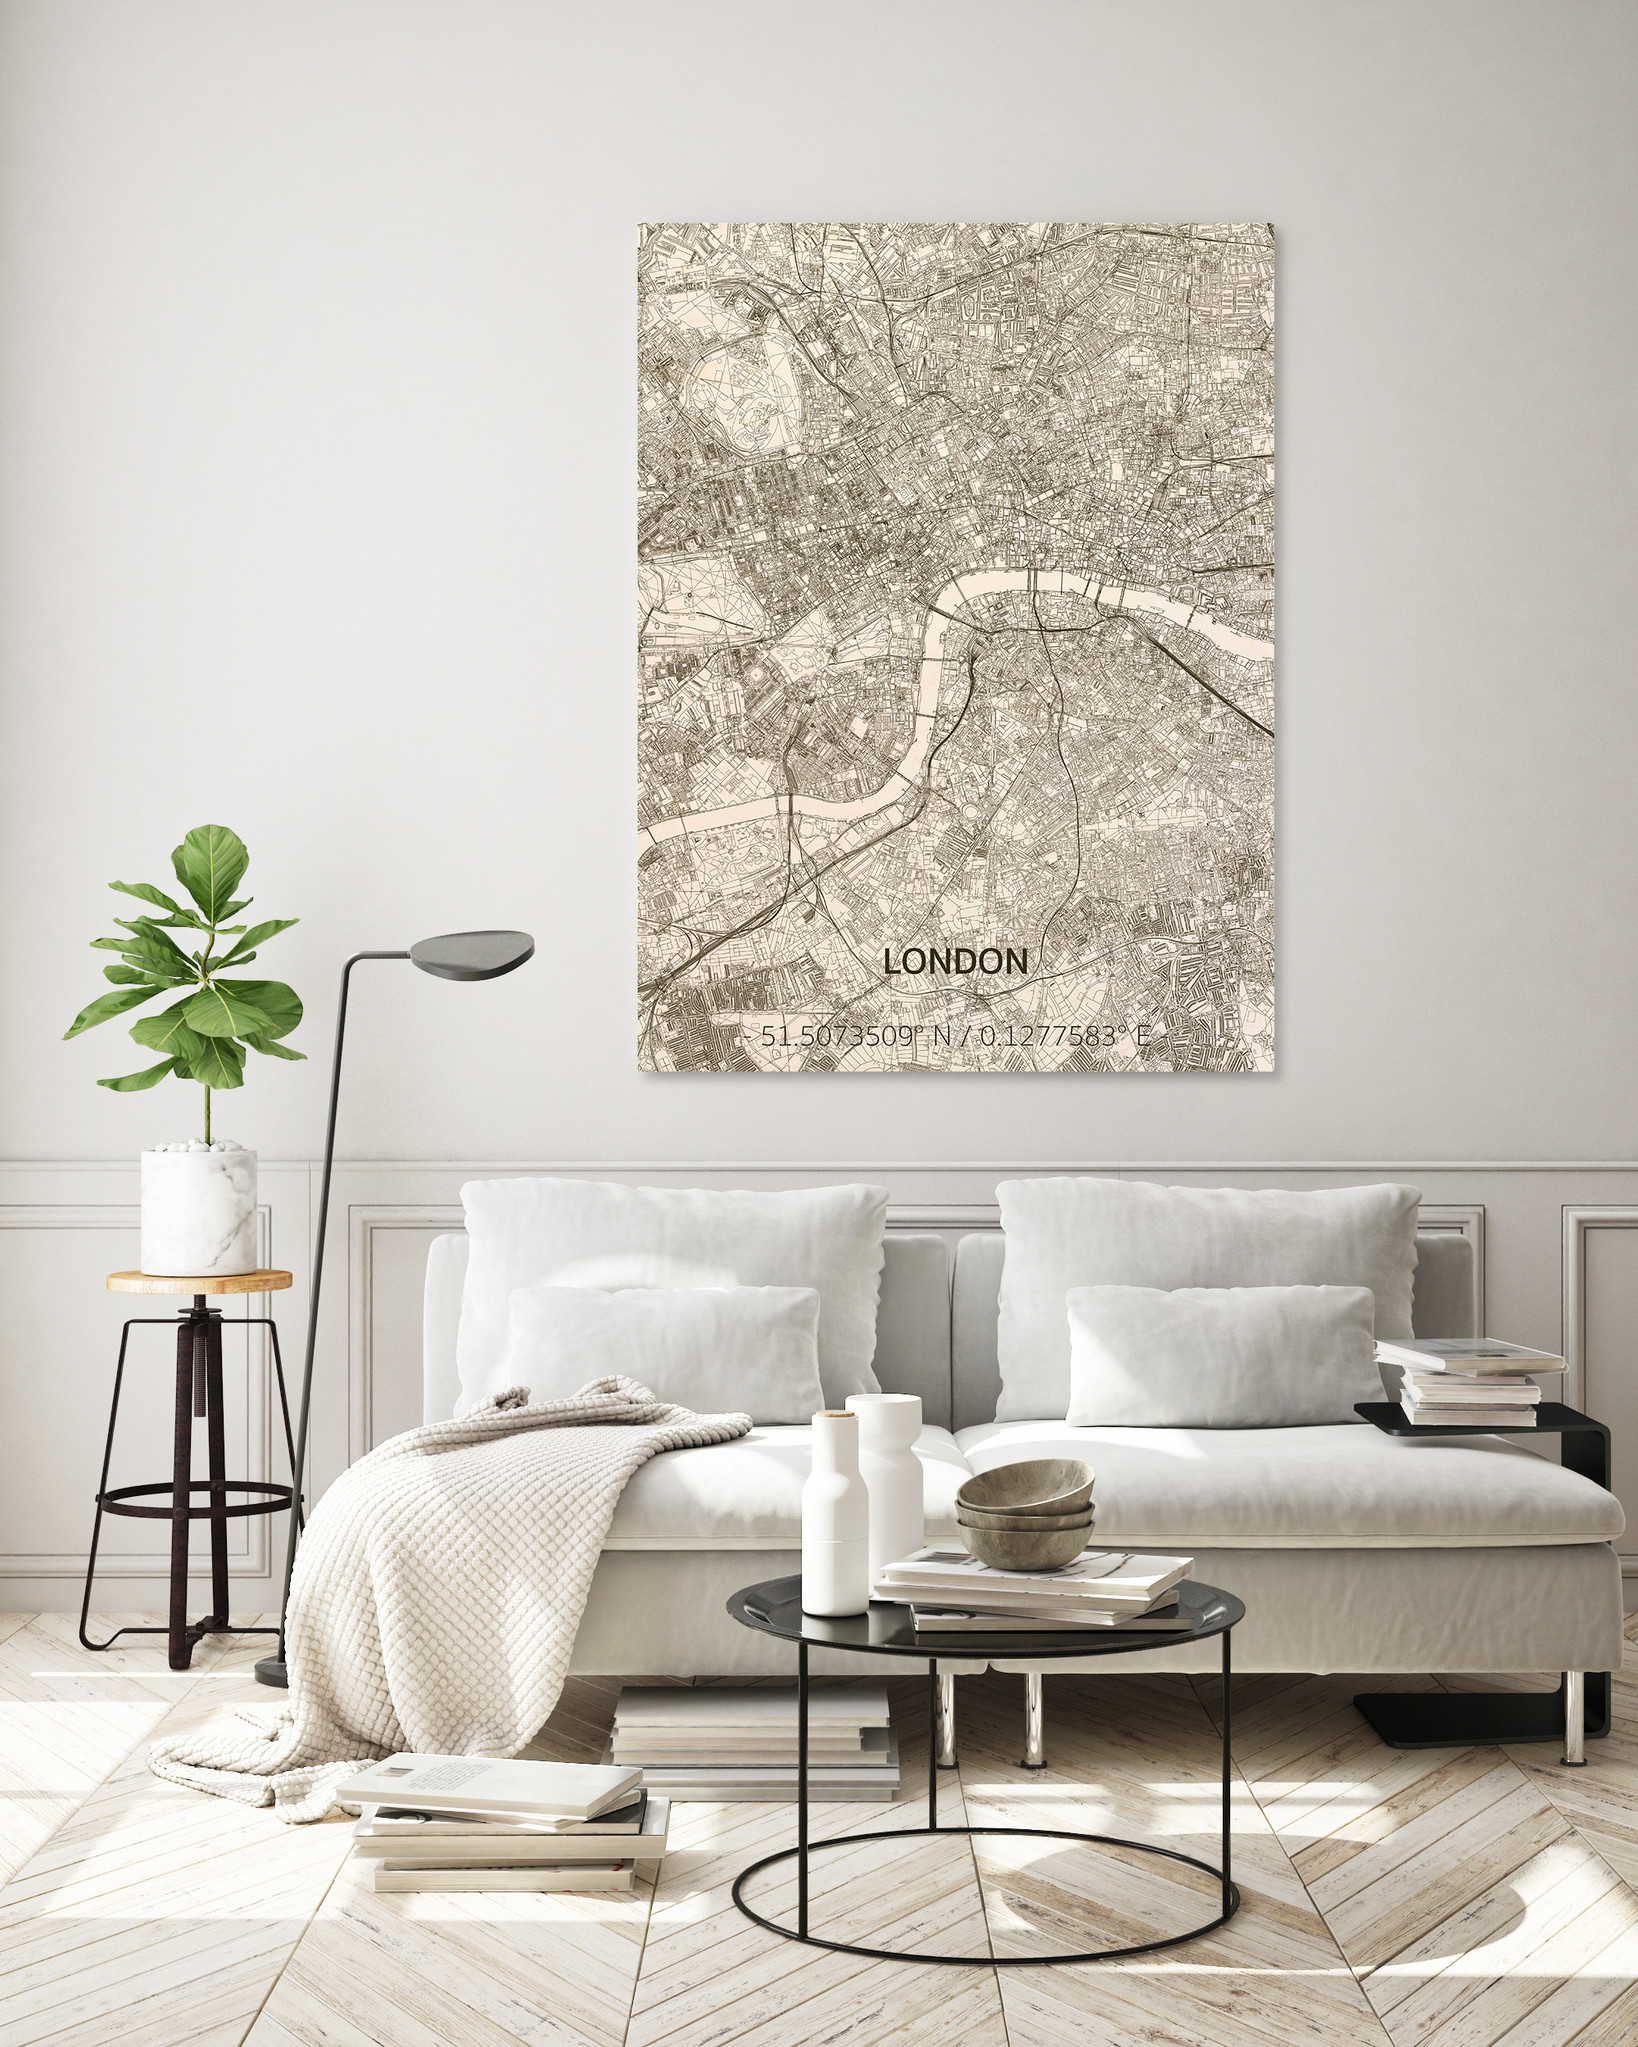 Wandbild Stadtplan London   Wanddekoration Holz-2